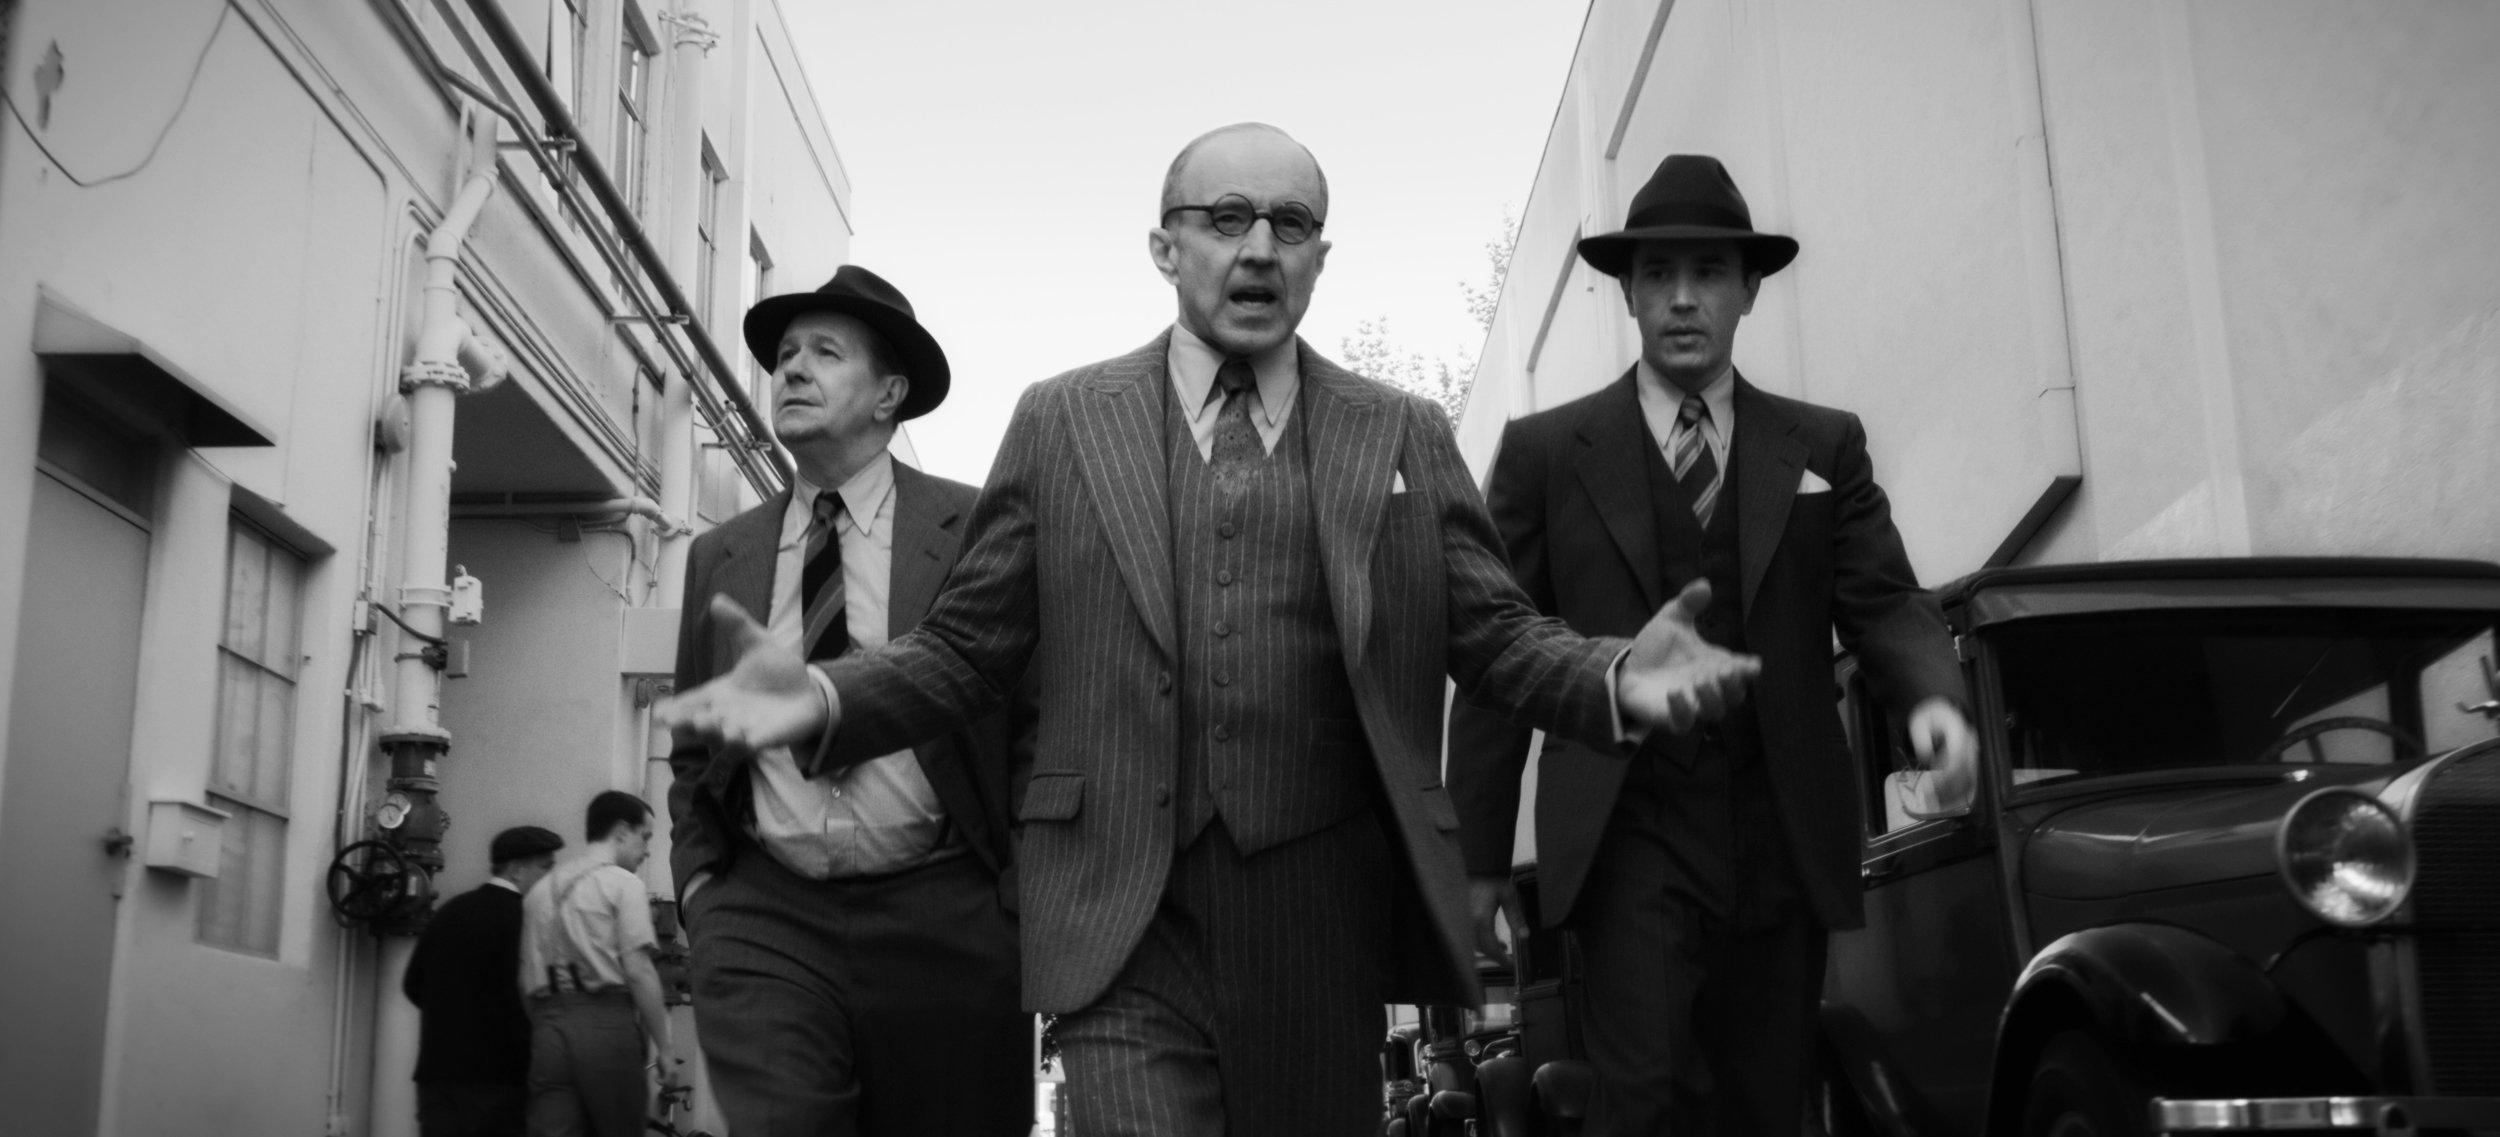 Gary Oldman as Herman Mankiewicz, Arliss Howard as Louis B. Mayer and Tom Pelphrey as Joe Mankiewicz in a scene from